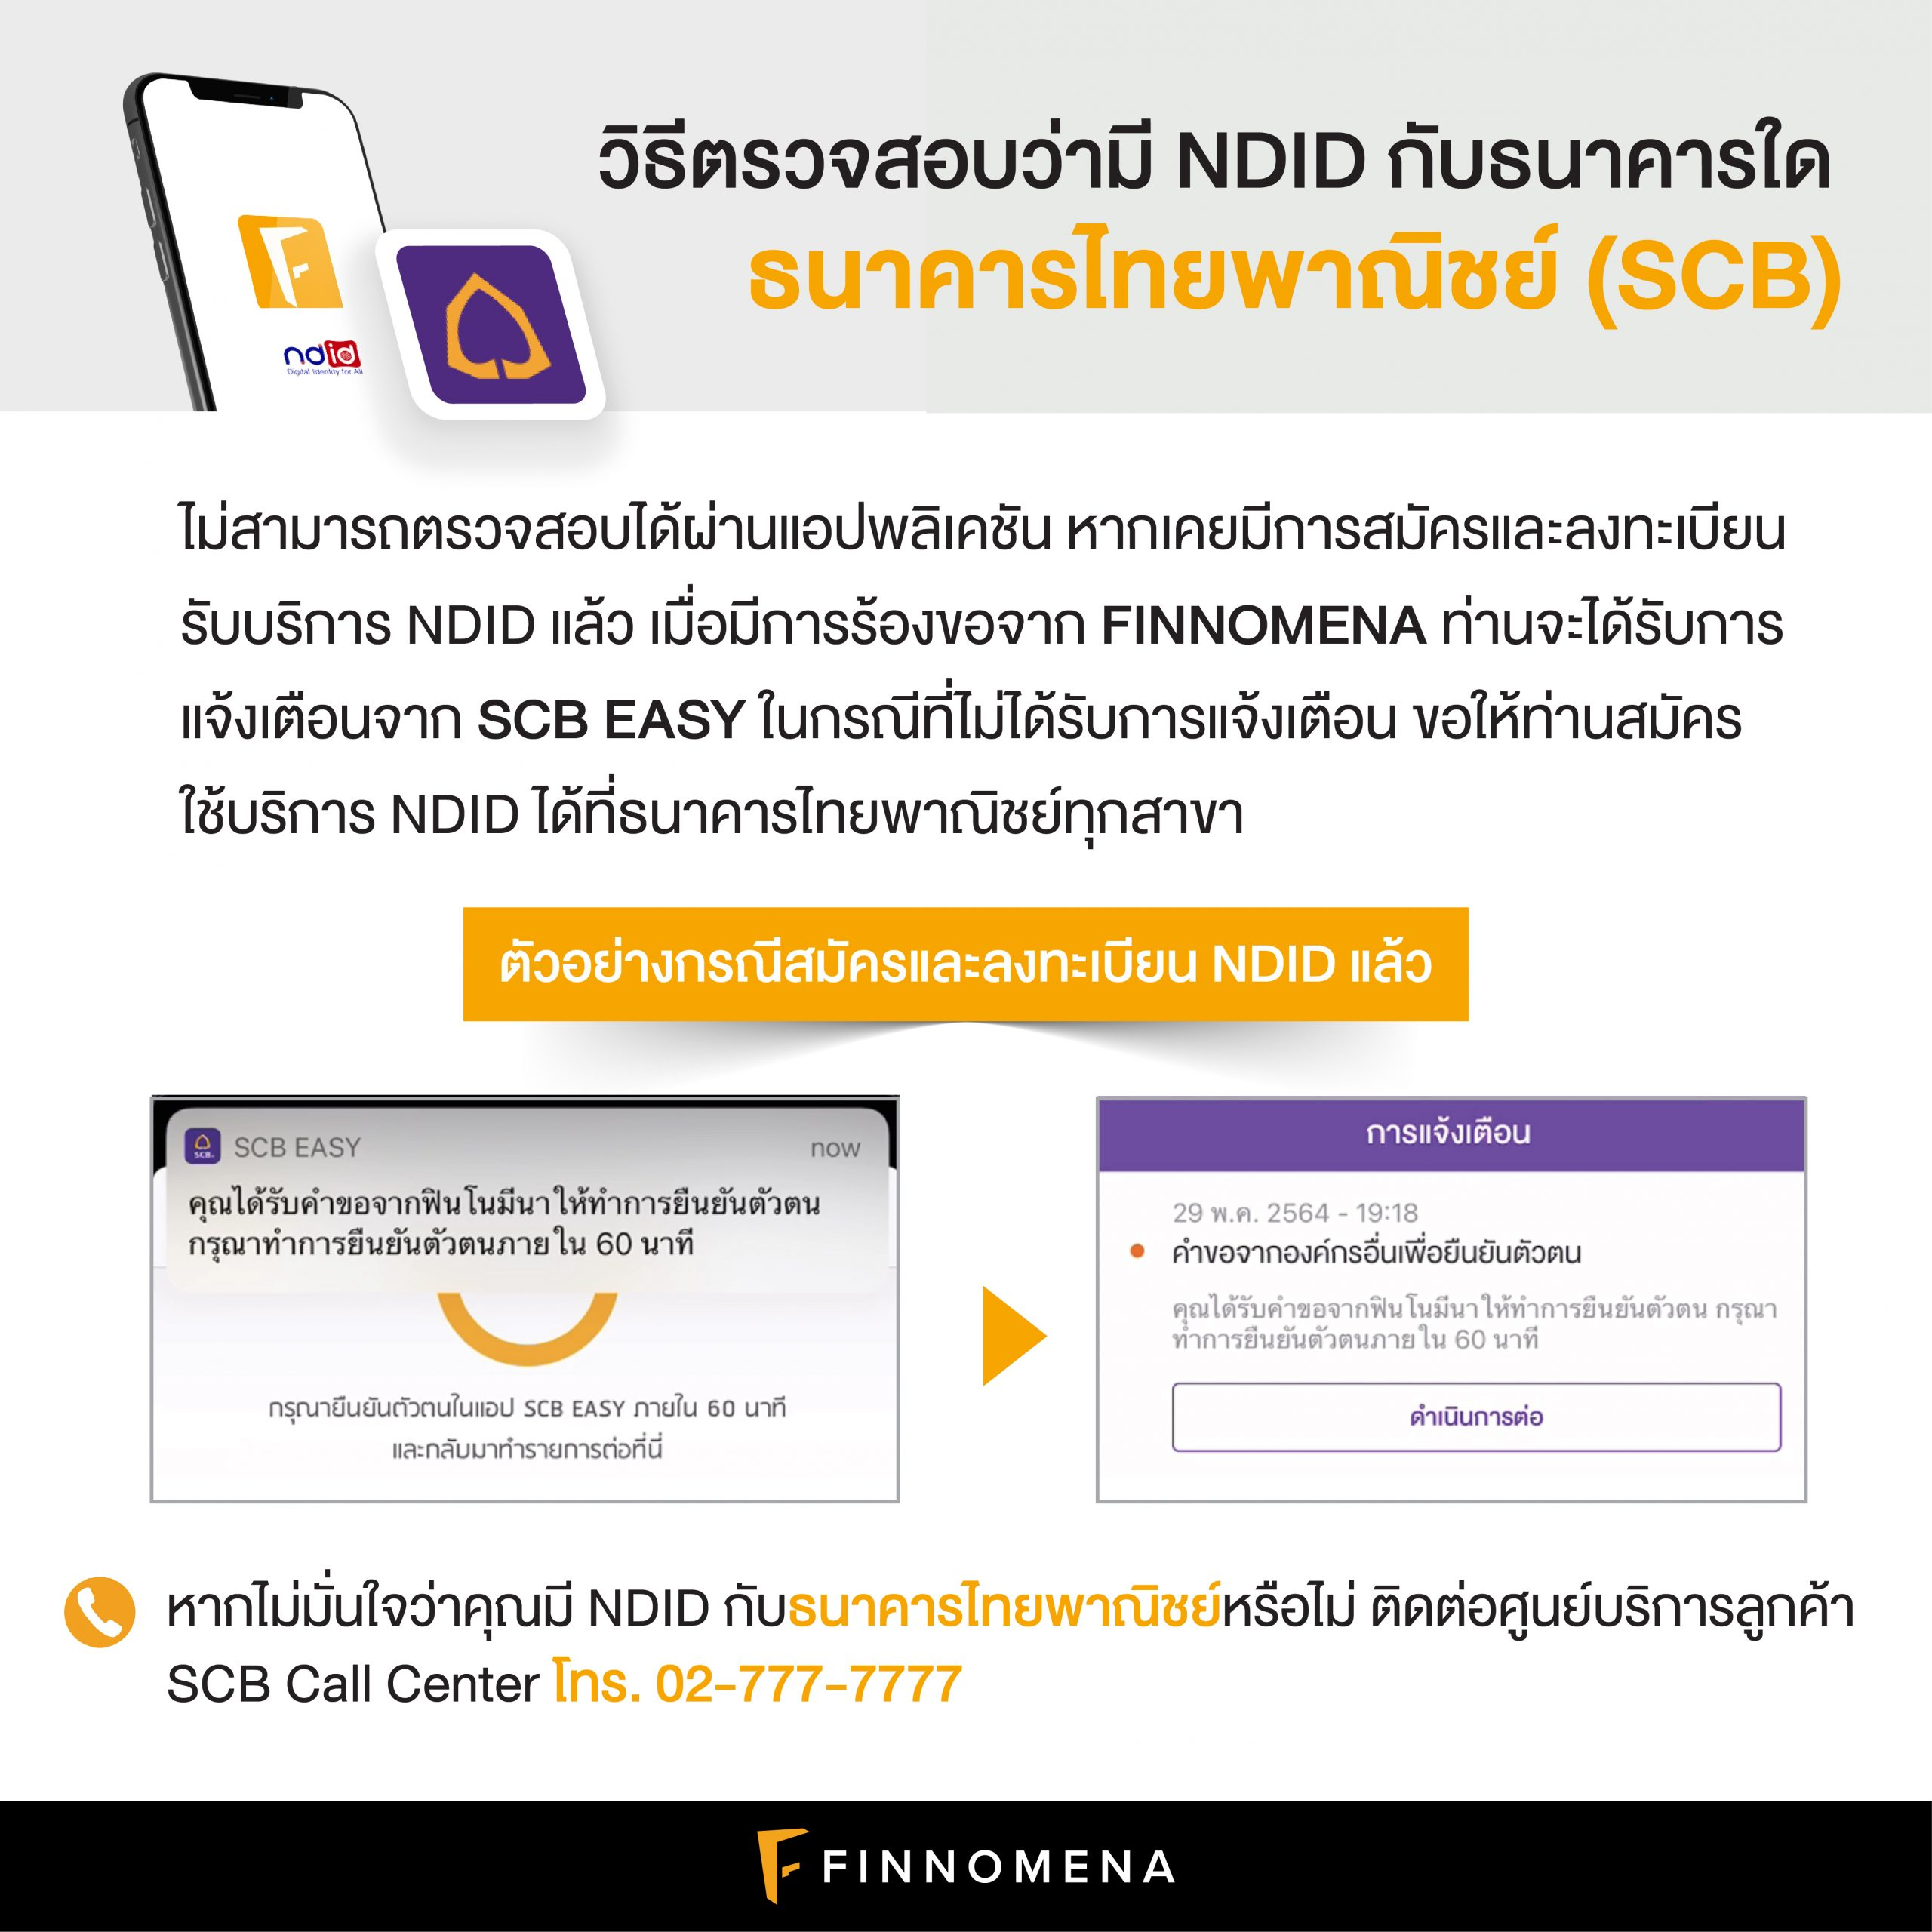 วิธีตรวจสอบว่ามี NDID กับธนาคารใด